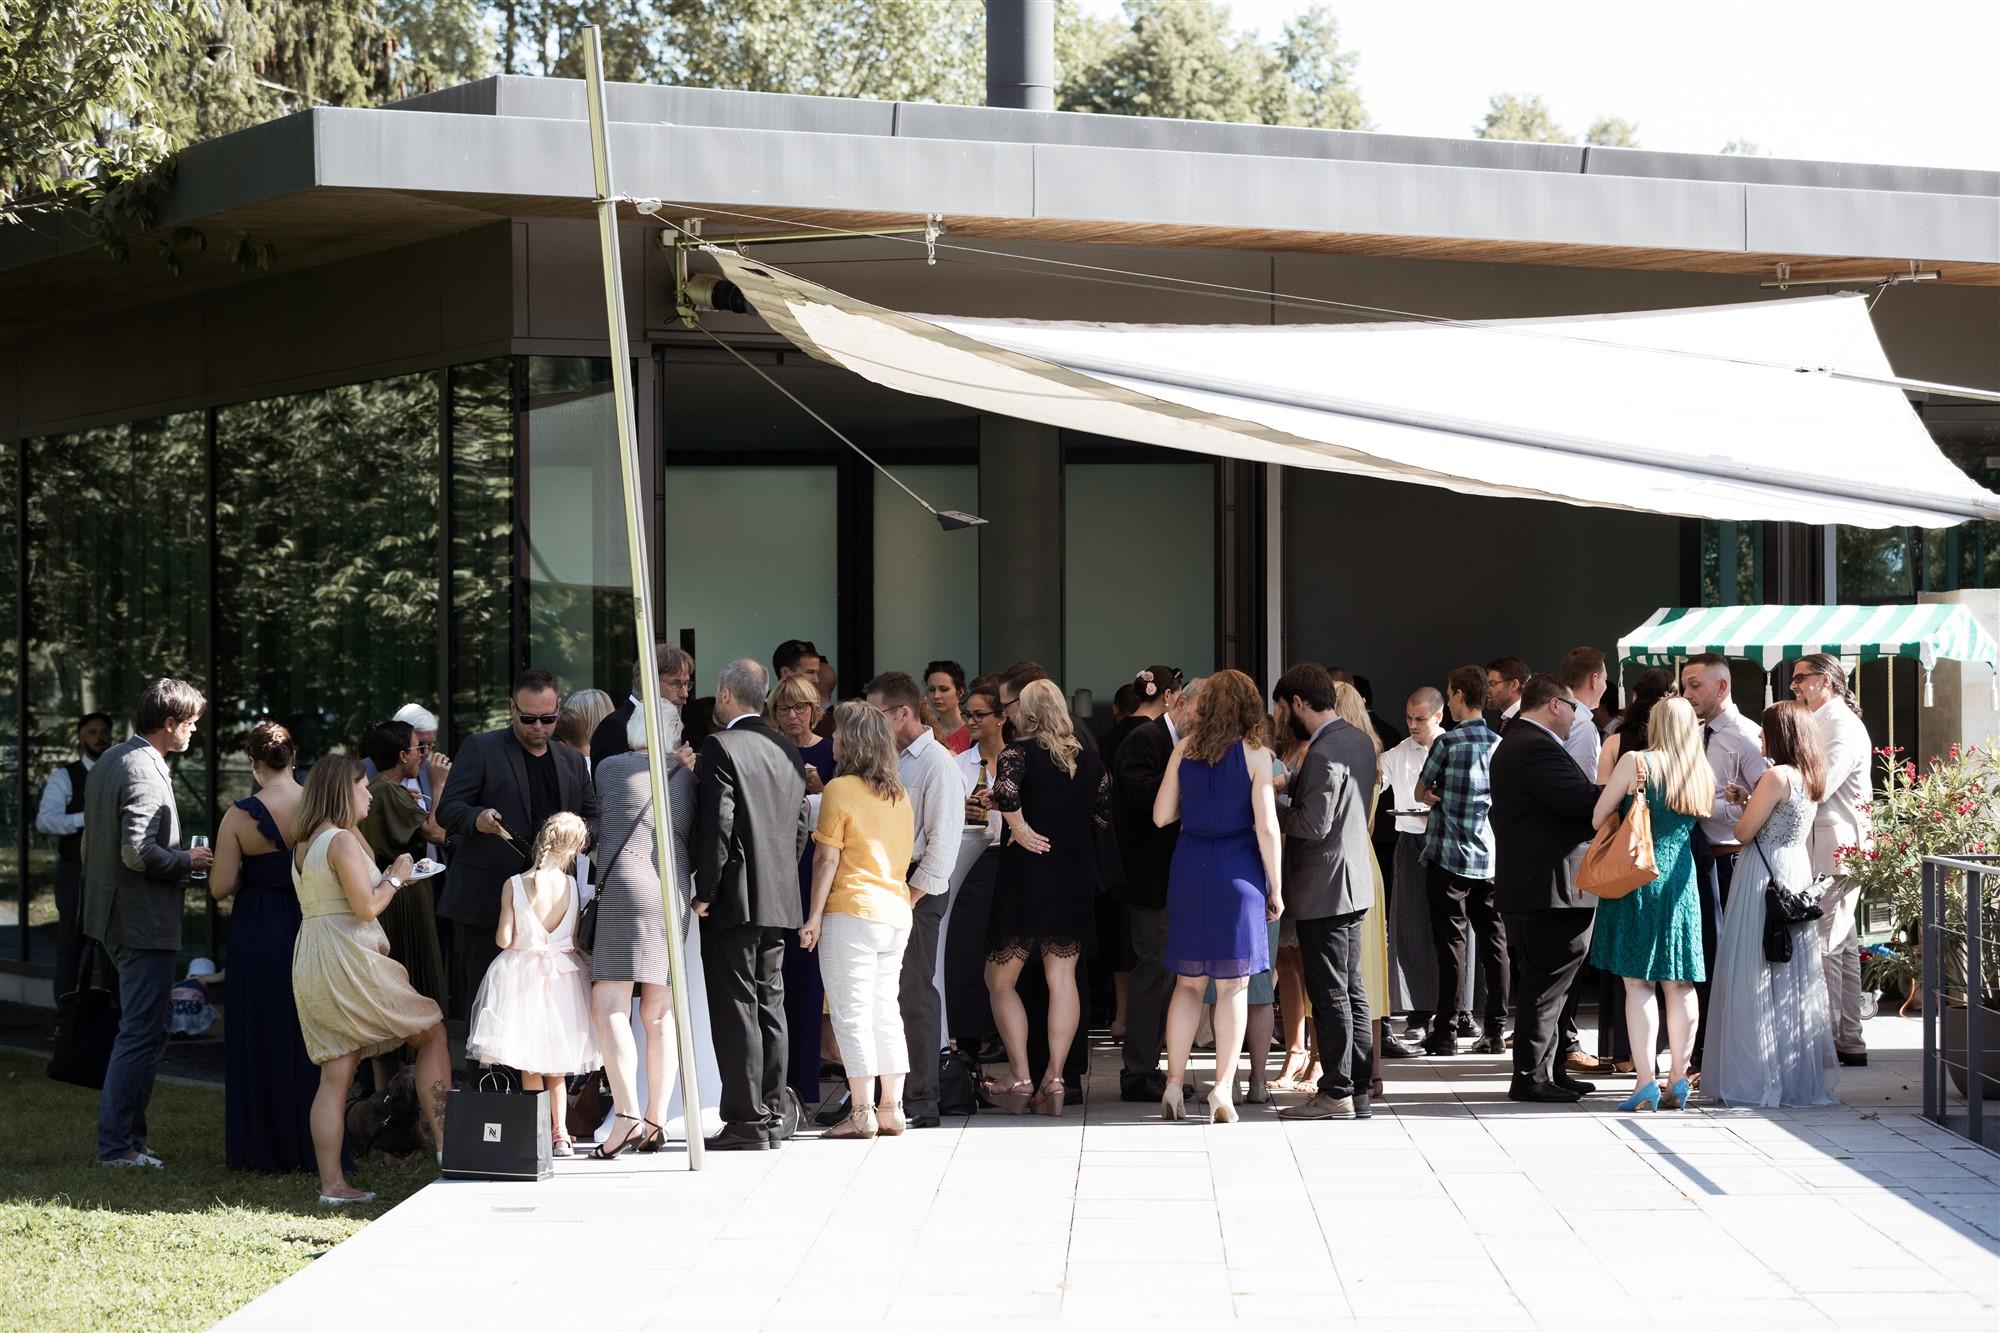 Freie Trauung im Hirzen Pavillon - Hochzeitsapero - Hochzeitsfotograf Basel